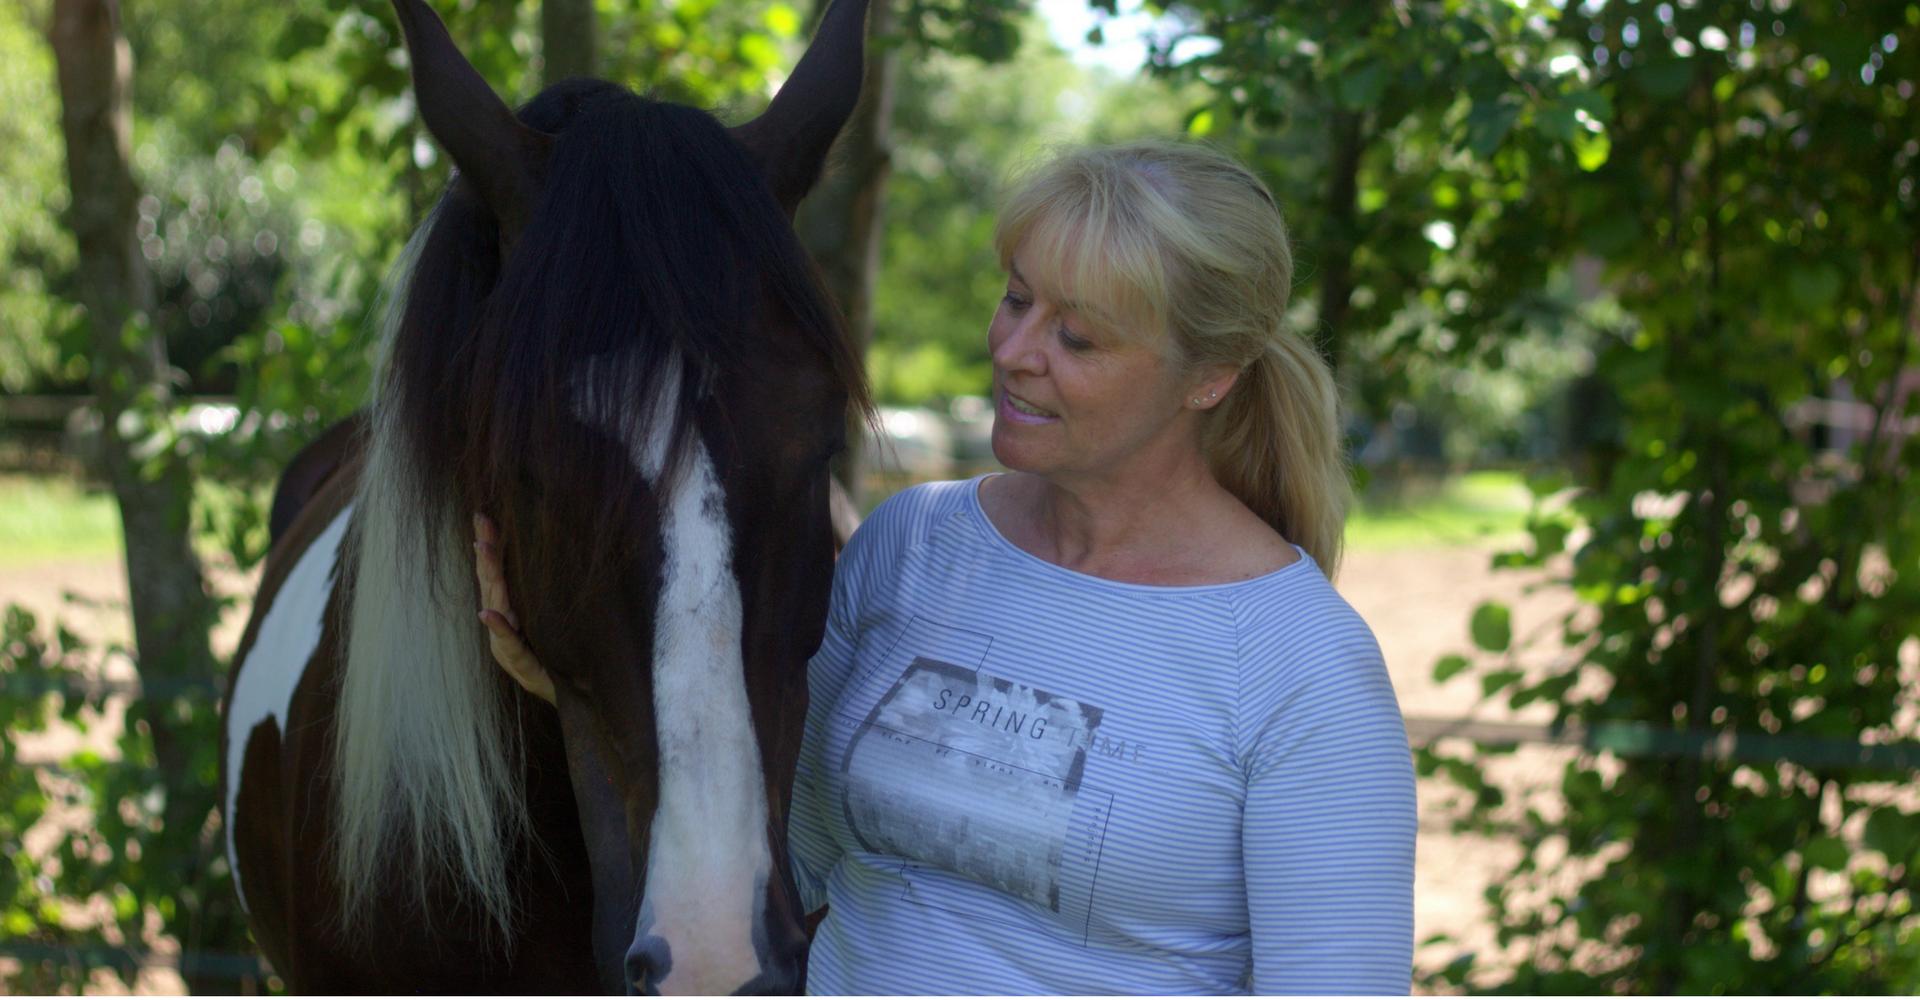 Systemische opstellingen met paarden:  Bron van kennis en wijsheid